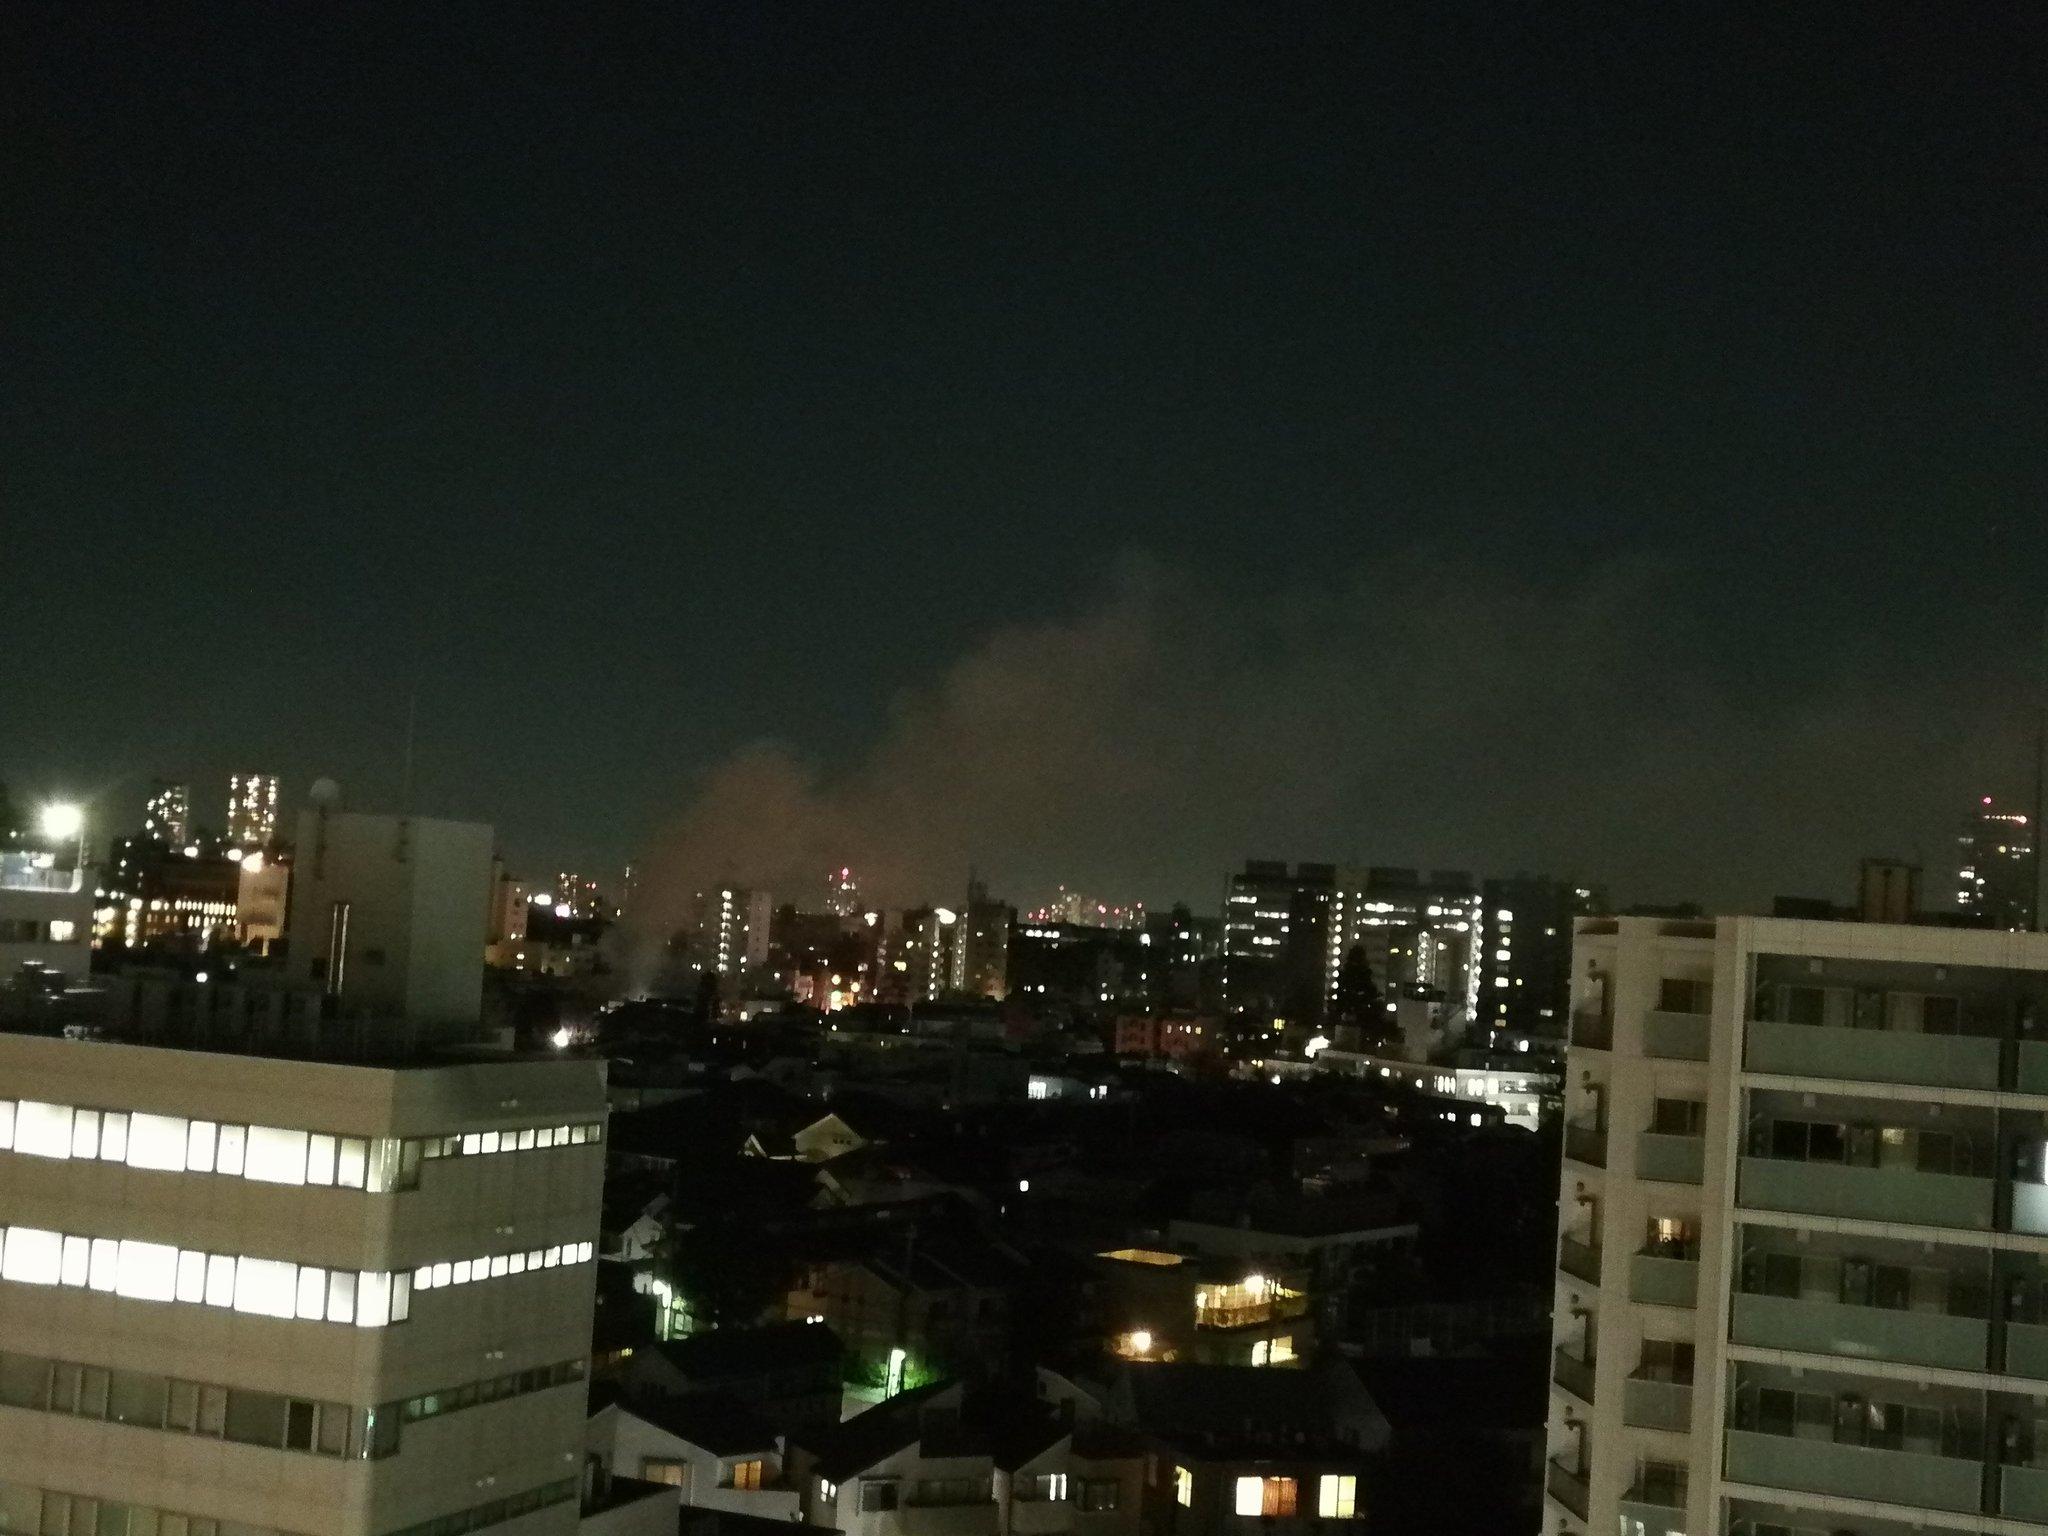 画像,うちの近くで火事のようです。上空にはヘリまで飛んで物々しい感じ。近くの道も封鎖されていました。 https://t.co/OonfSuELMn…